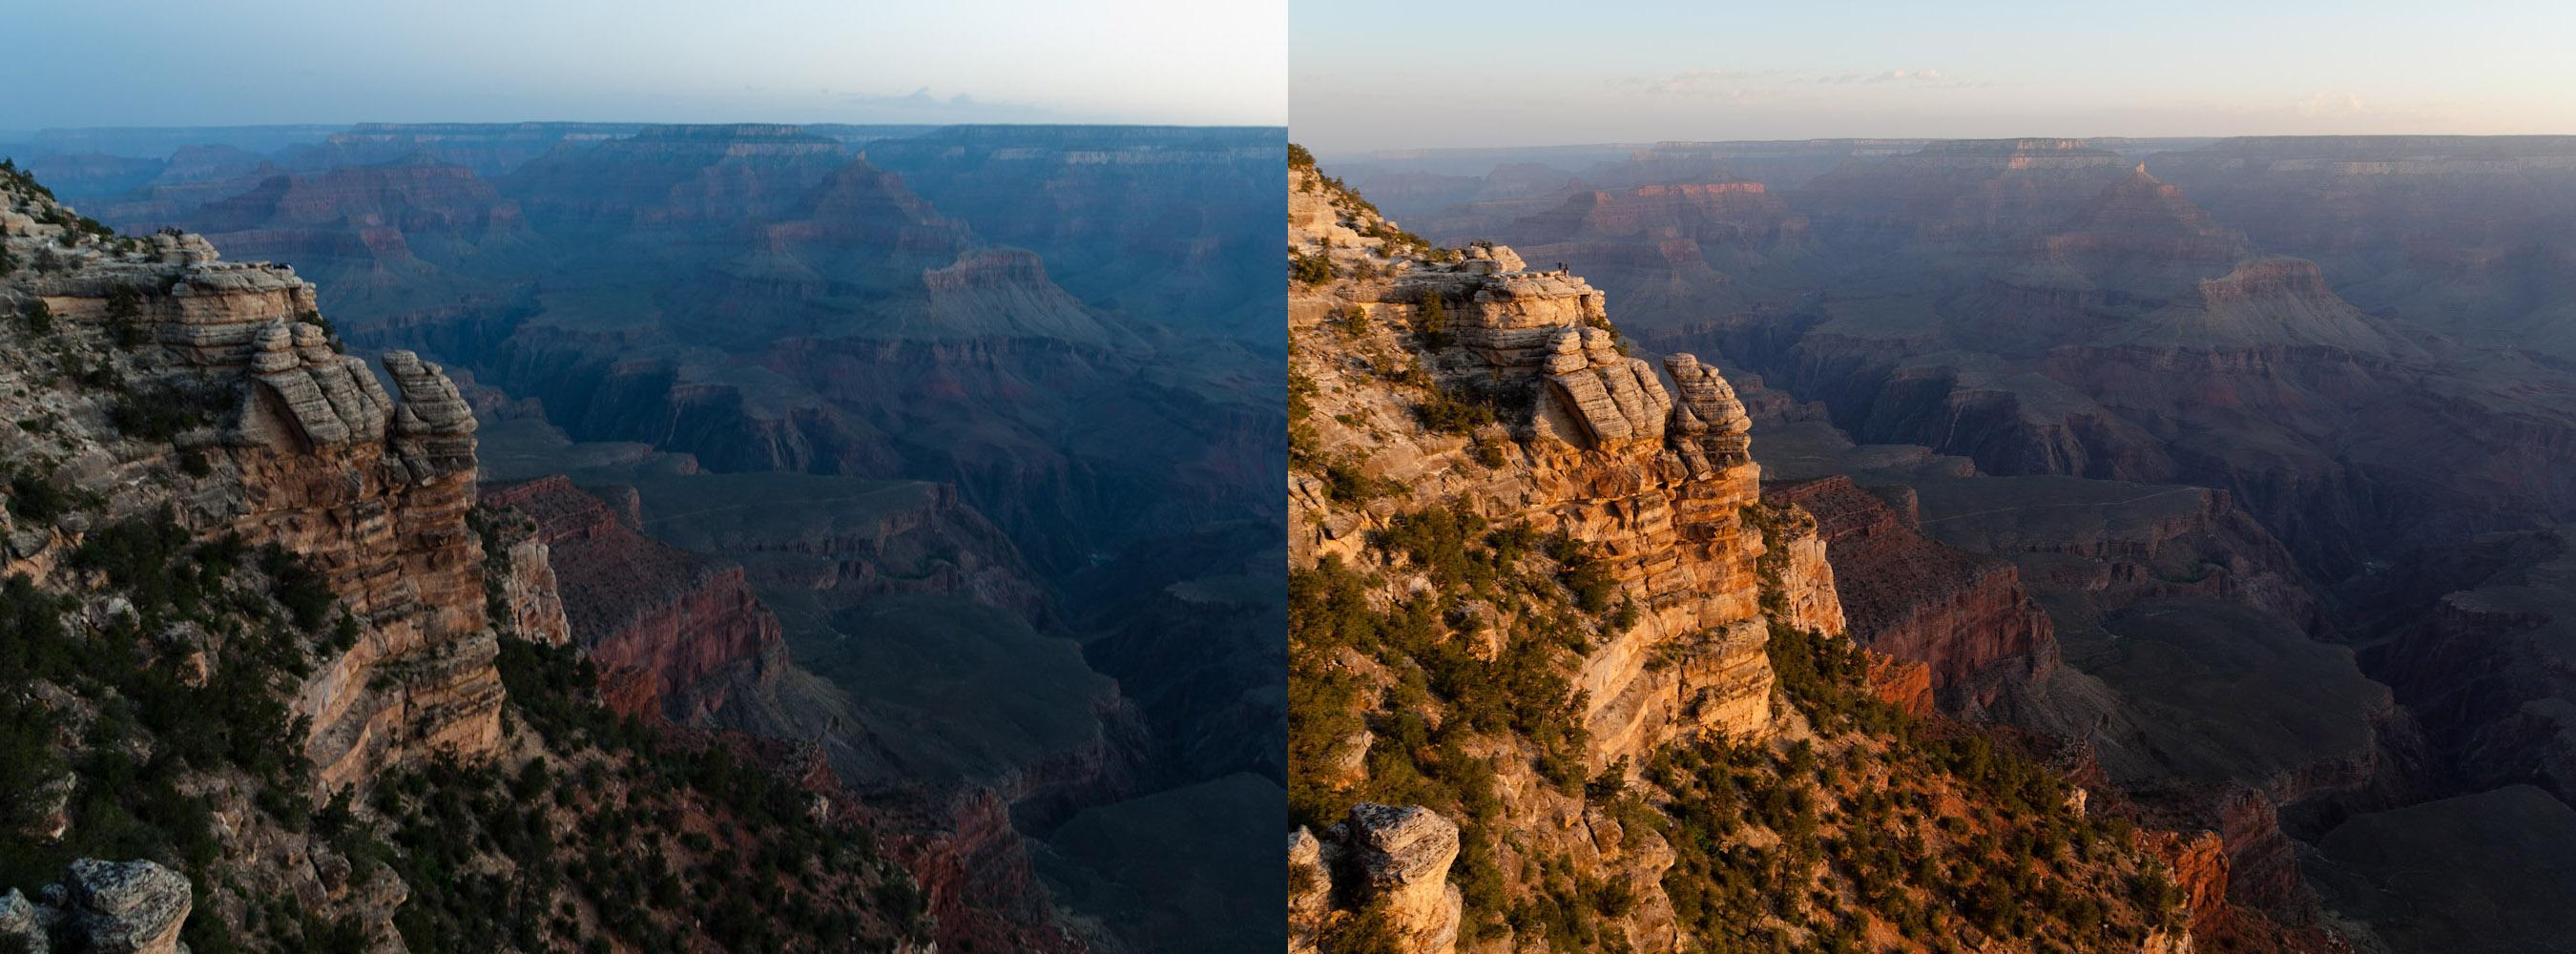 El Gran Cañón despierta: antes y después de la salida del sol